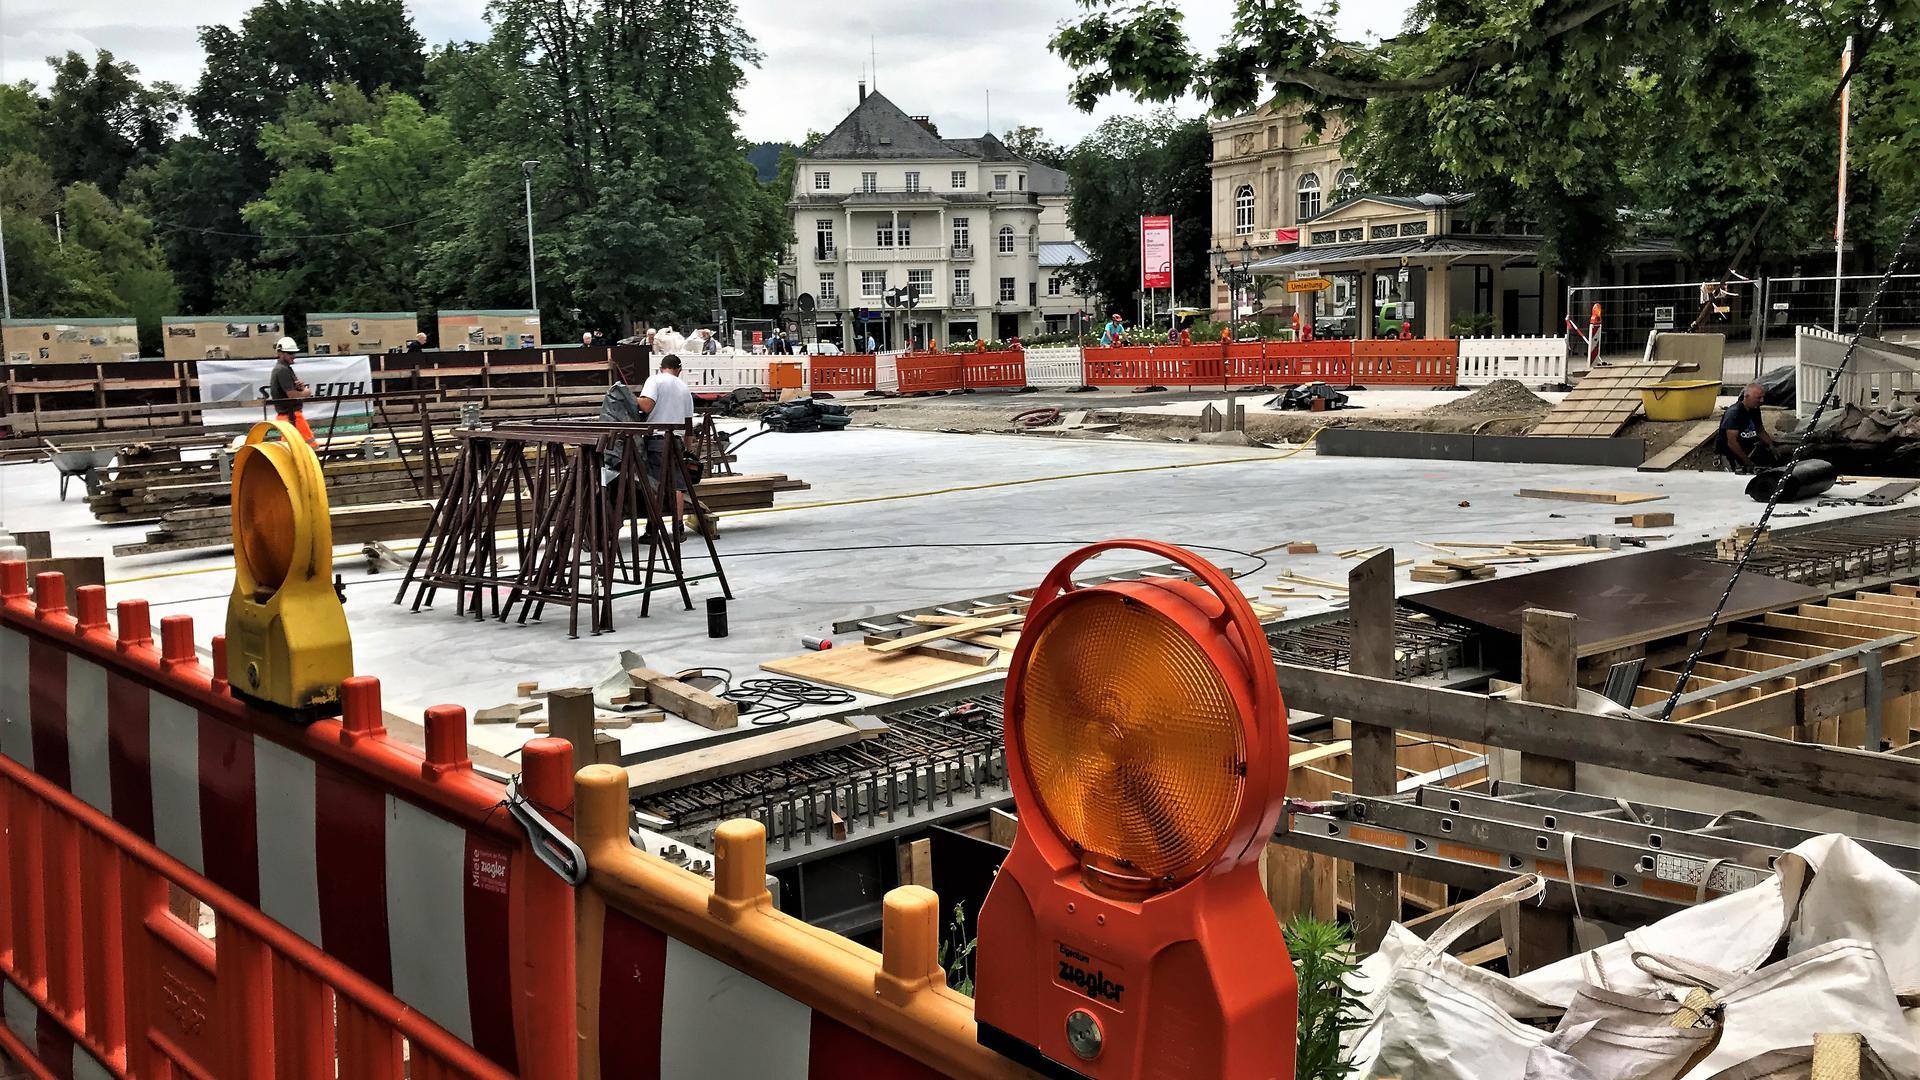 Die Bauarbeiten laufen weiter: Wichtige Projekte wie etwa der Neubau der Fieser-Brücke im Baden-Badener Stadtzentrum sind von den Folgen der Haushaltssperre nicht betroffen. Deren Fortsetzung trägt nach Ansicht von Gemeinderat und Rathaus dazu bei, in der Corona-Krise die regionale Wirtschaft zu stützen.